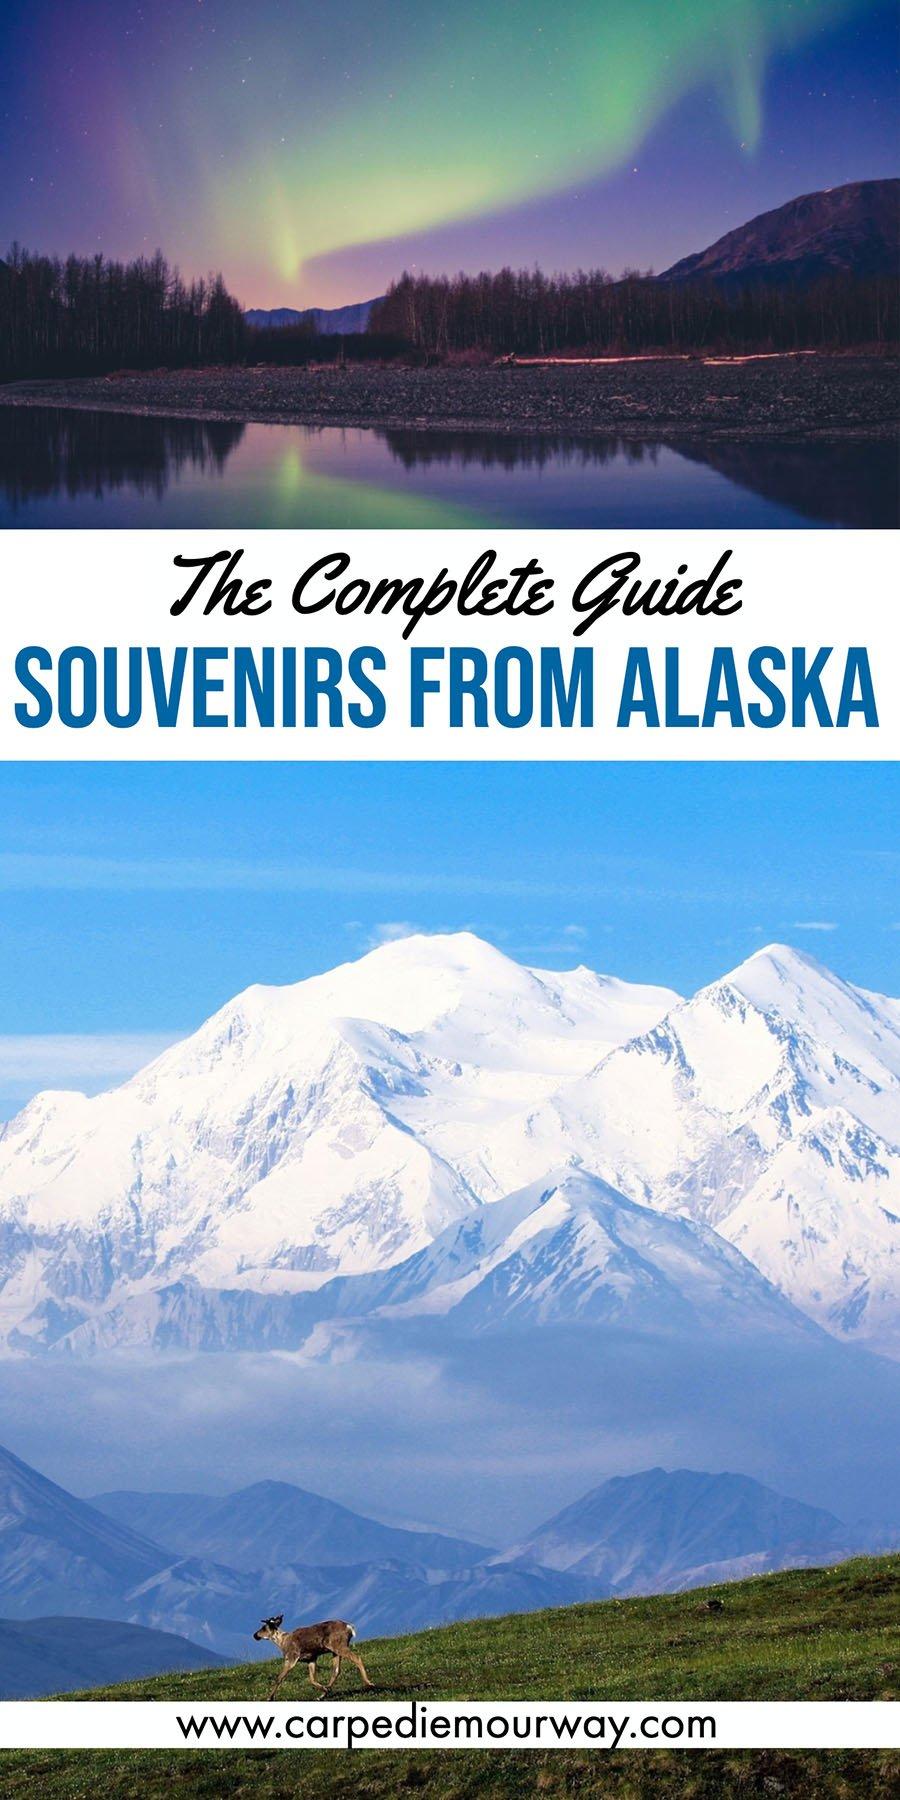 Alaska Souvenirs